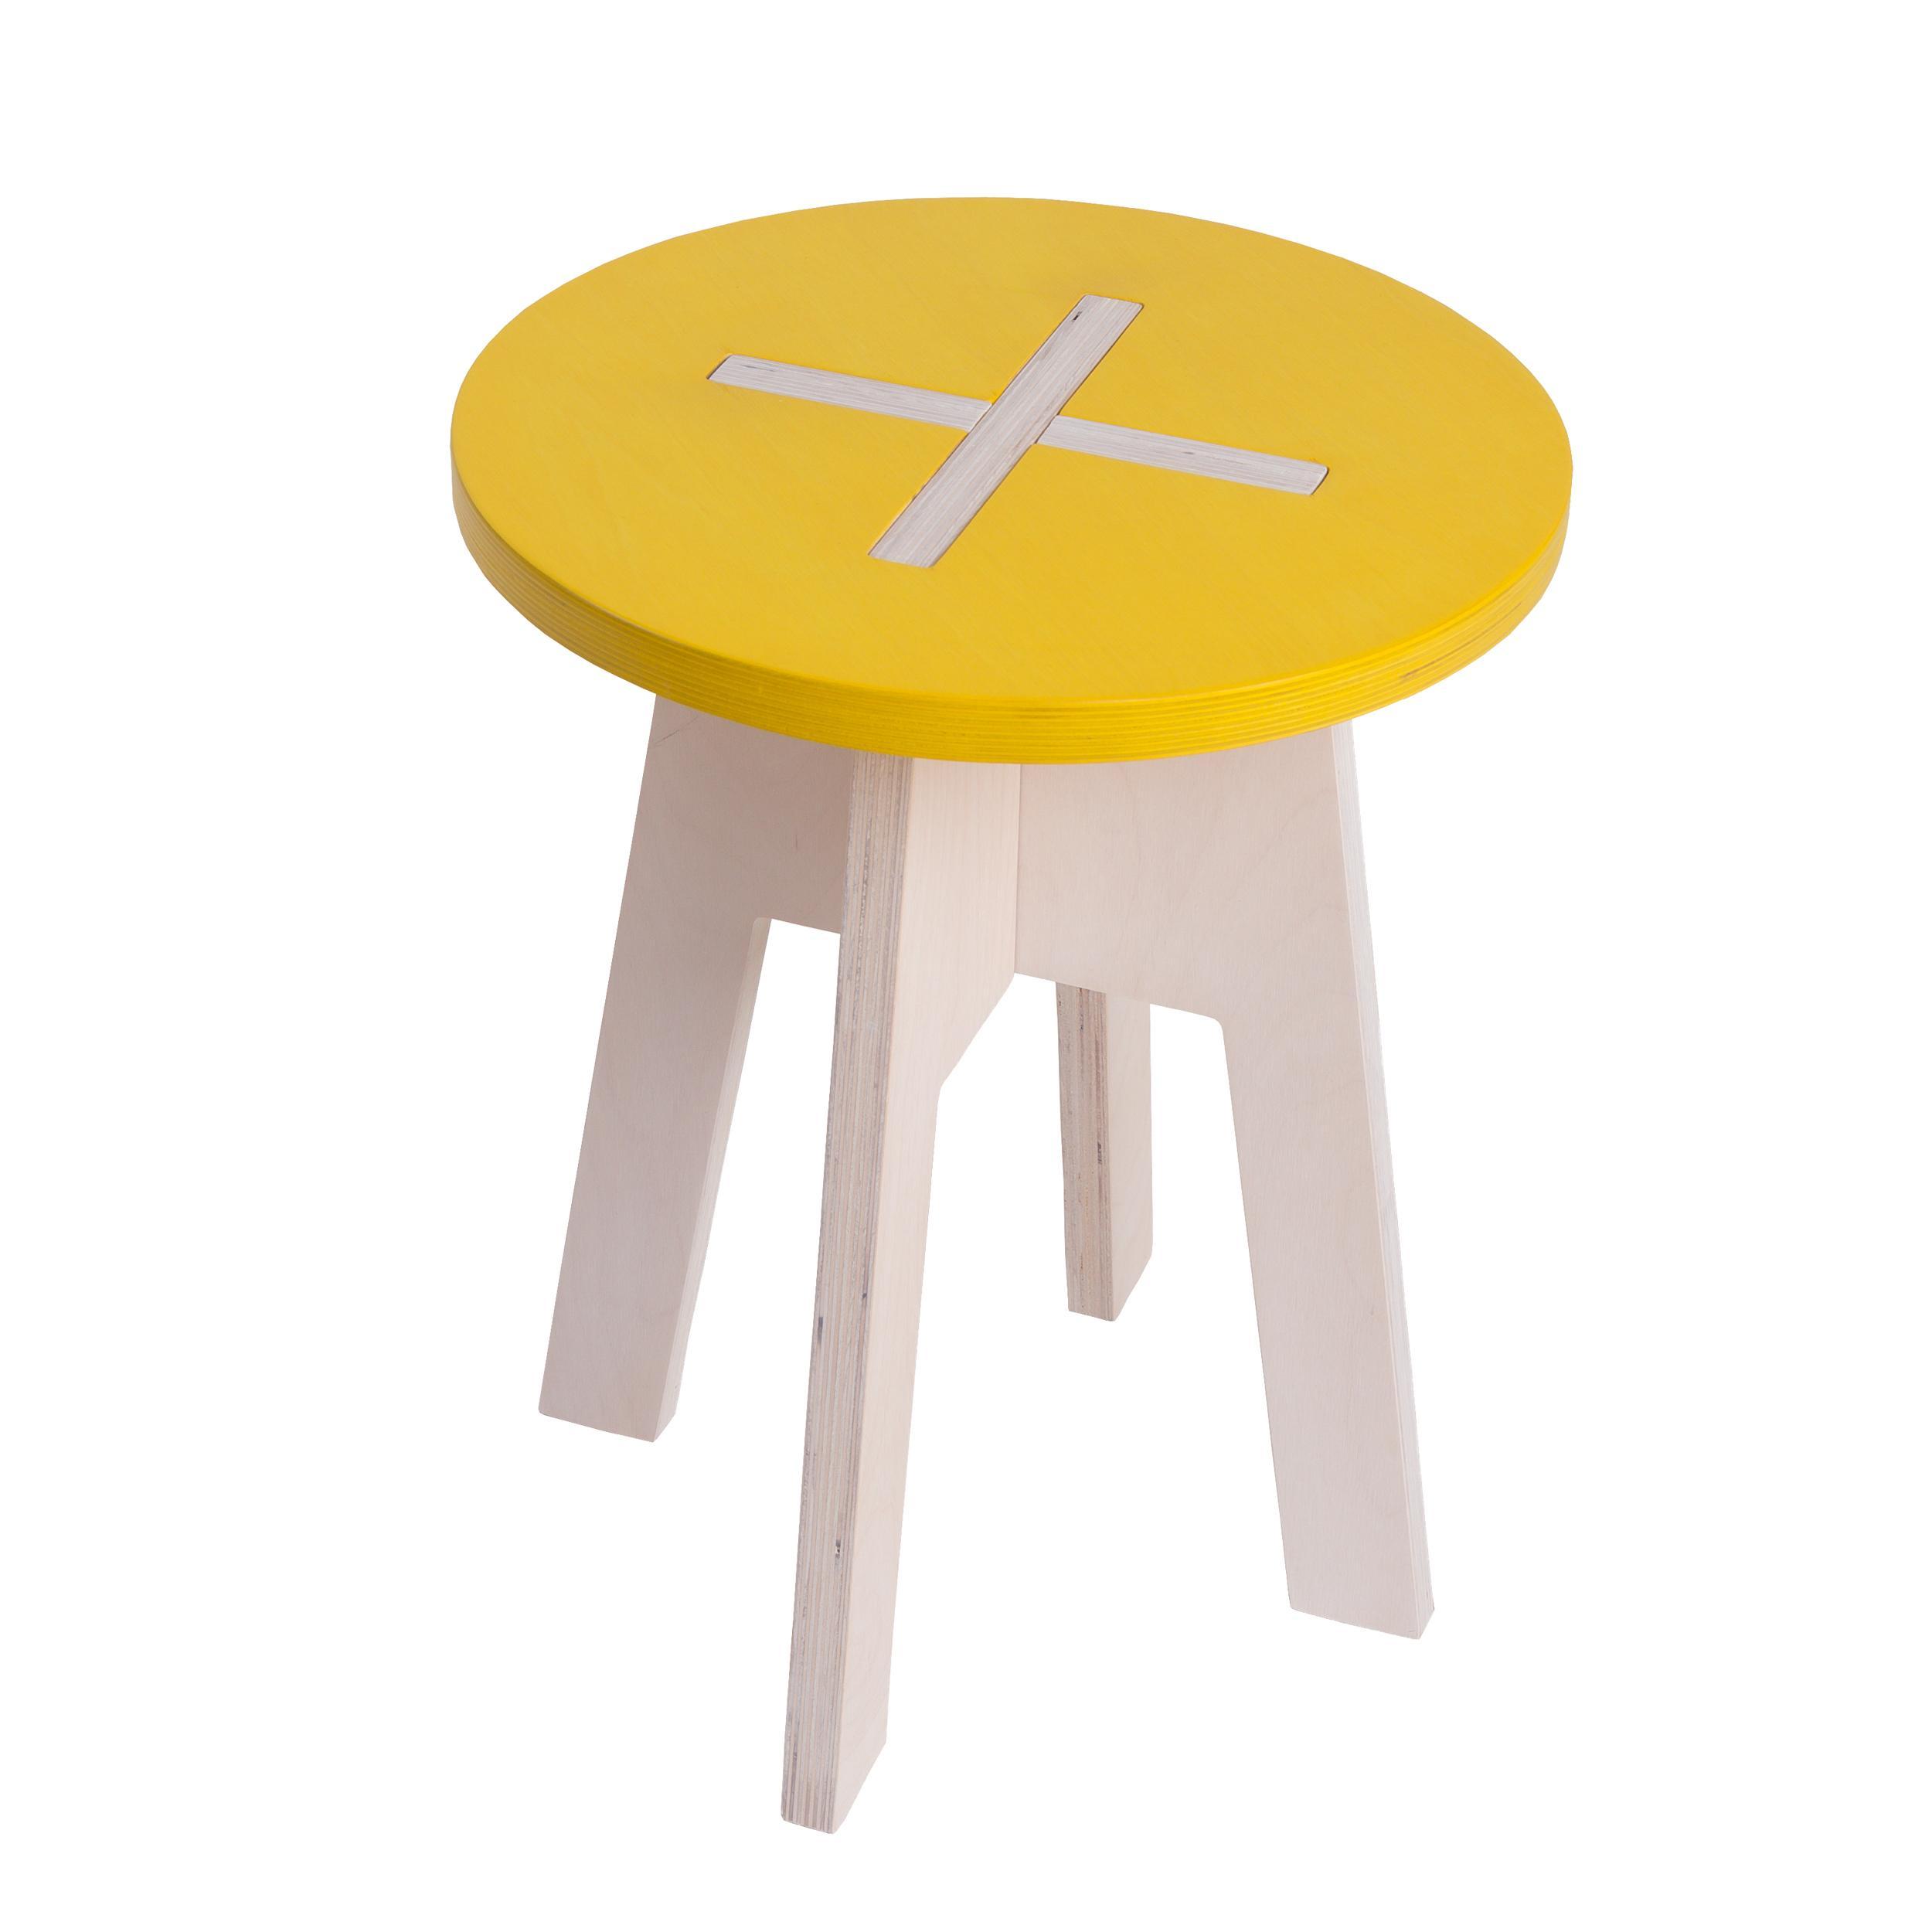 hocker rund aus holz gelb wei. Black Bedroom Furniture Sets. Home Design Ideas